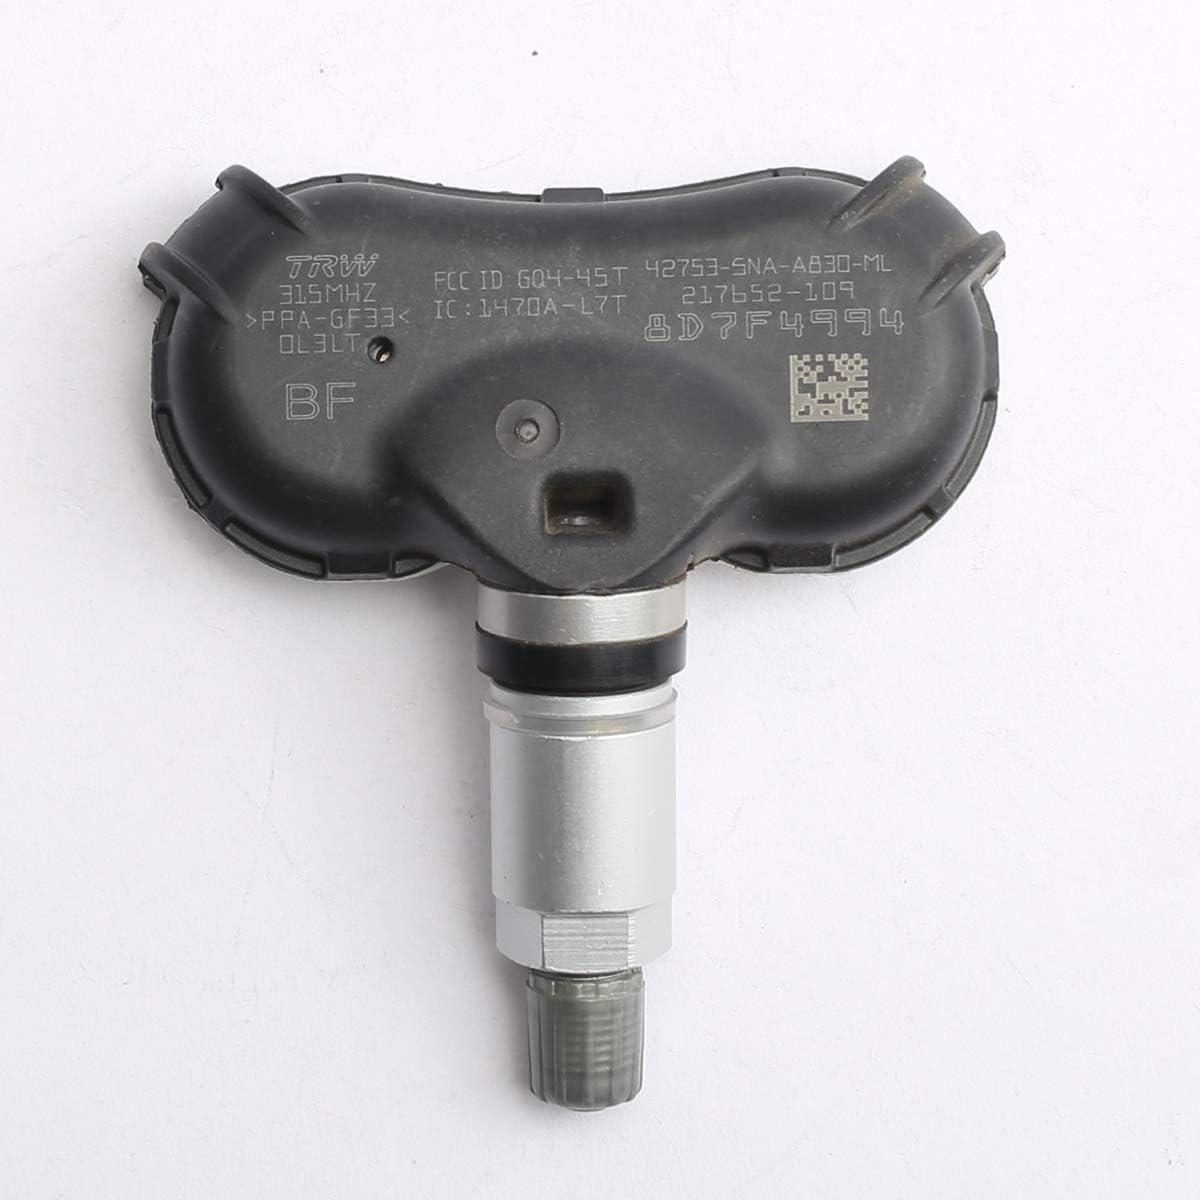 X AUTOHAUX 7PP907275F Car Tire Pressure Sensor TPMS 433MHz for Audi A6 Volkswagen Touareg